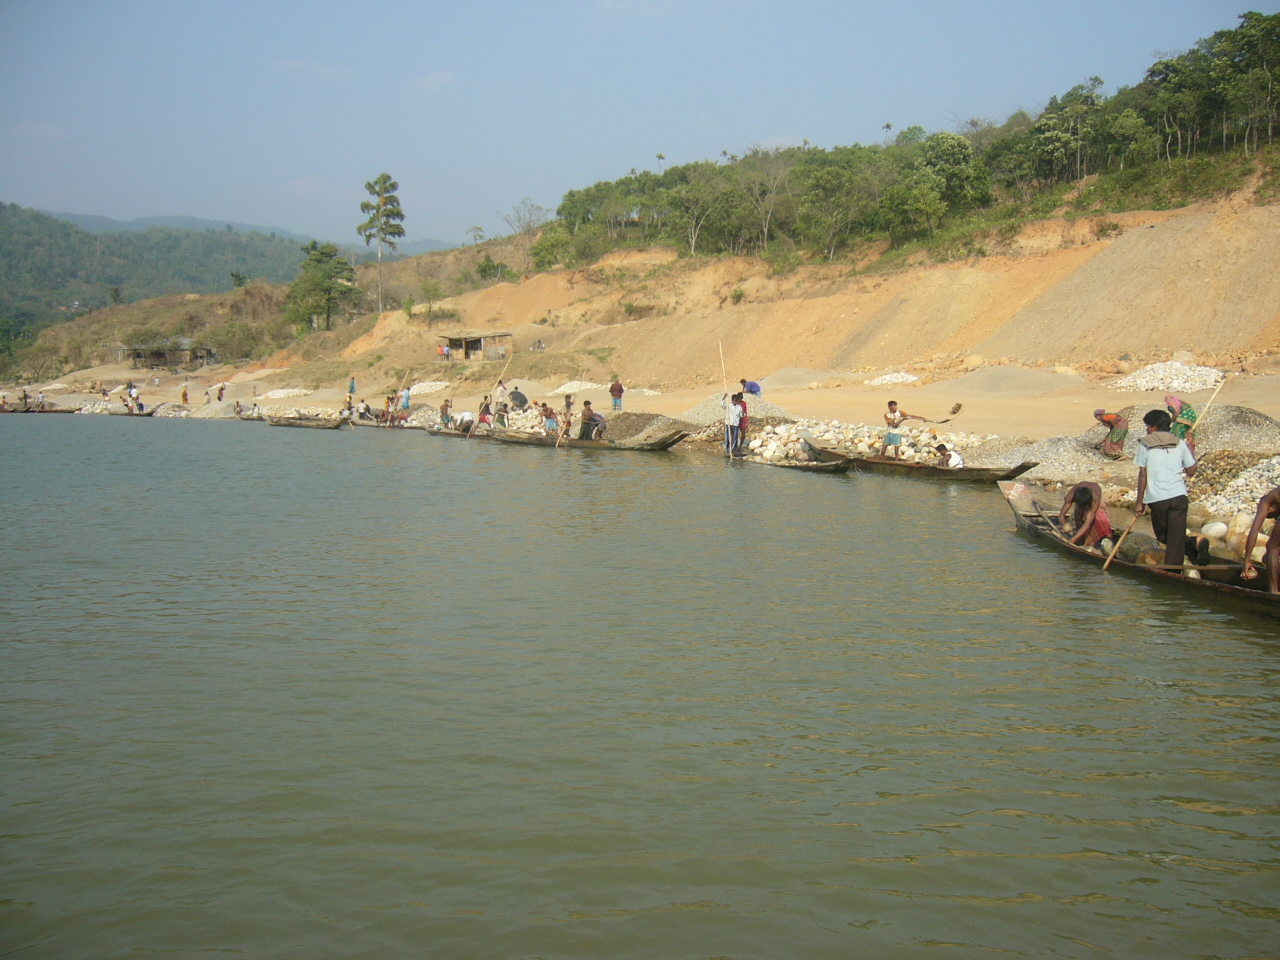 Sylhet Bangladesh  city pictures gallery : Description Jaflong Sylhet Bangladesh 20